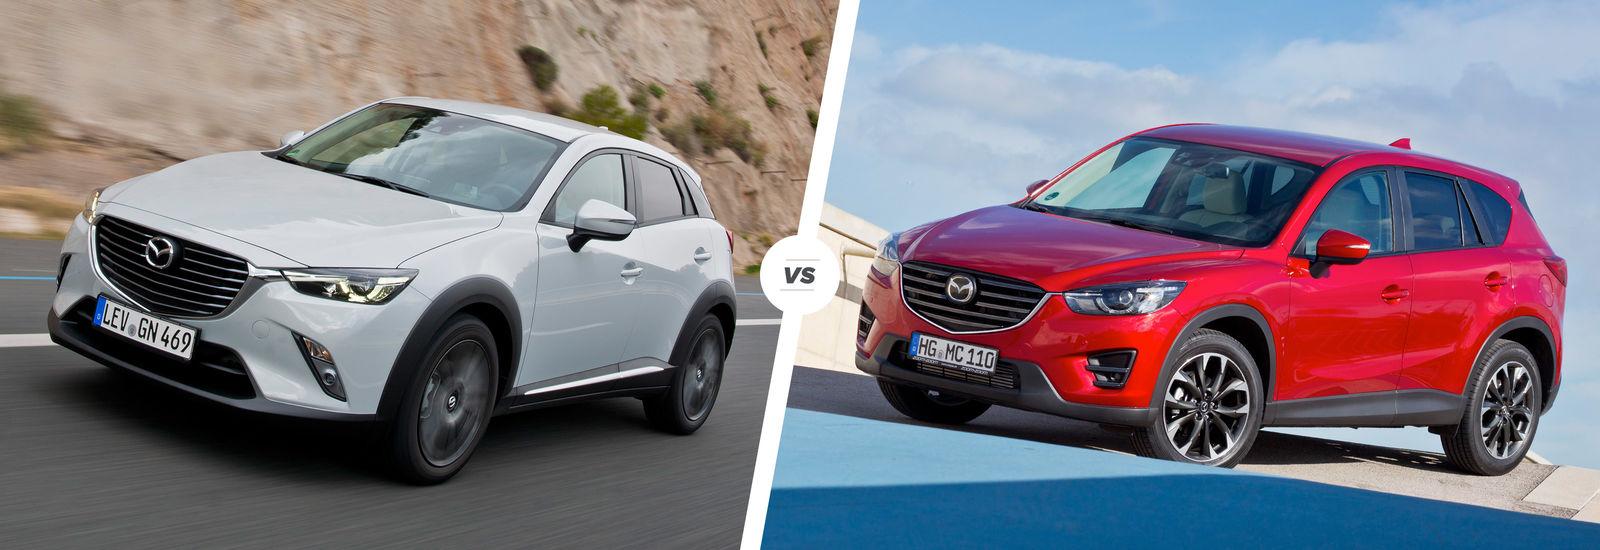 Where Are Mazdas Made >> Mazda CX-3 vs Mazda CX-5: SUV sibling rivalry | carwow